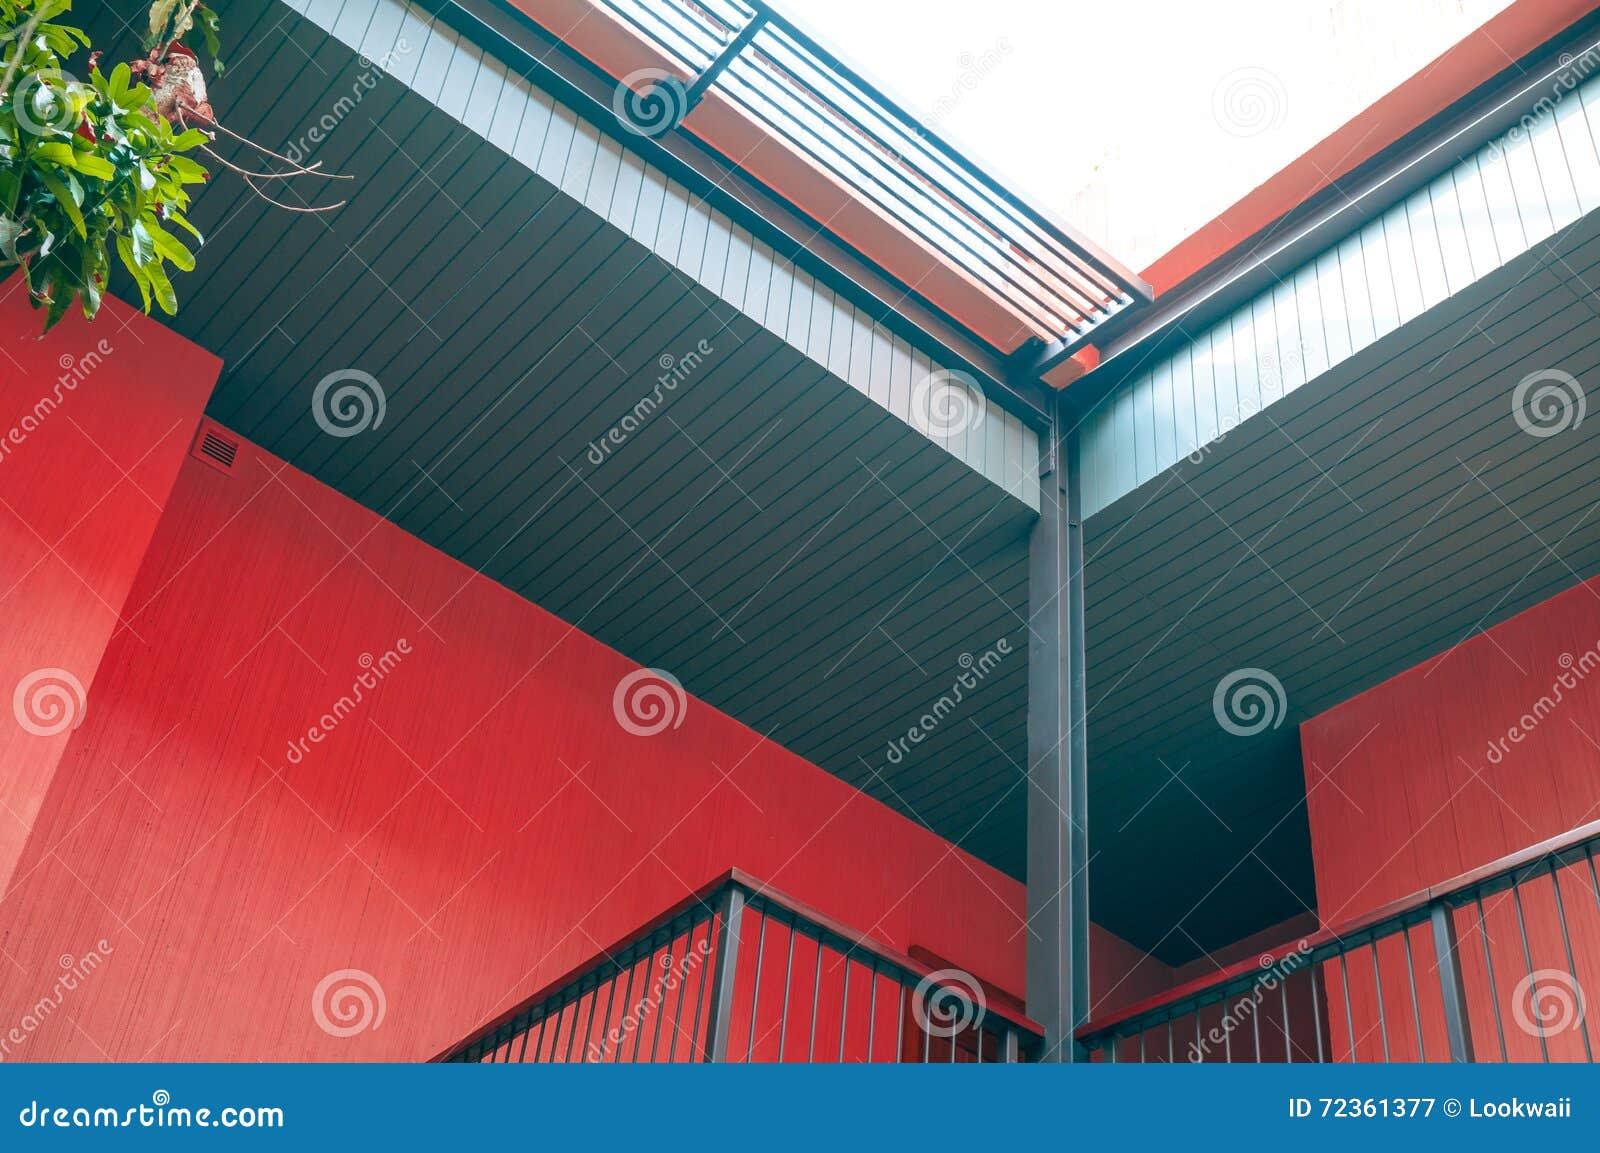 木板条屋顶设计的现代建筑建筑